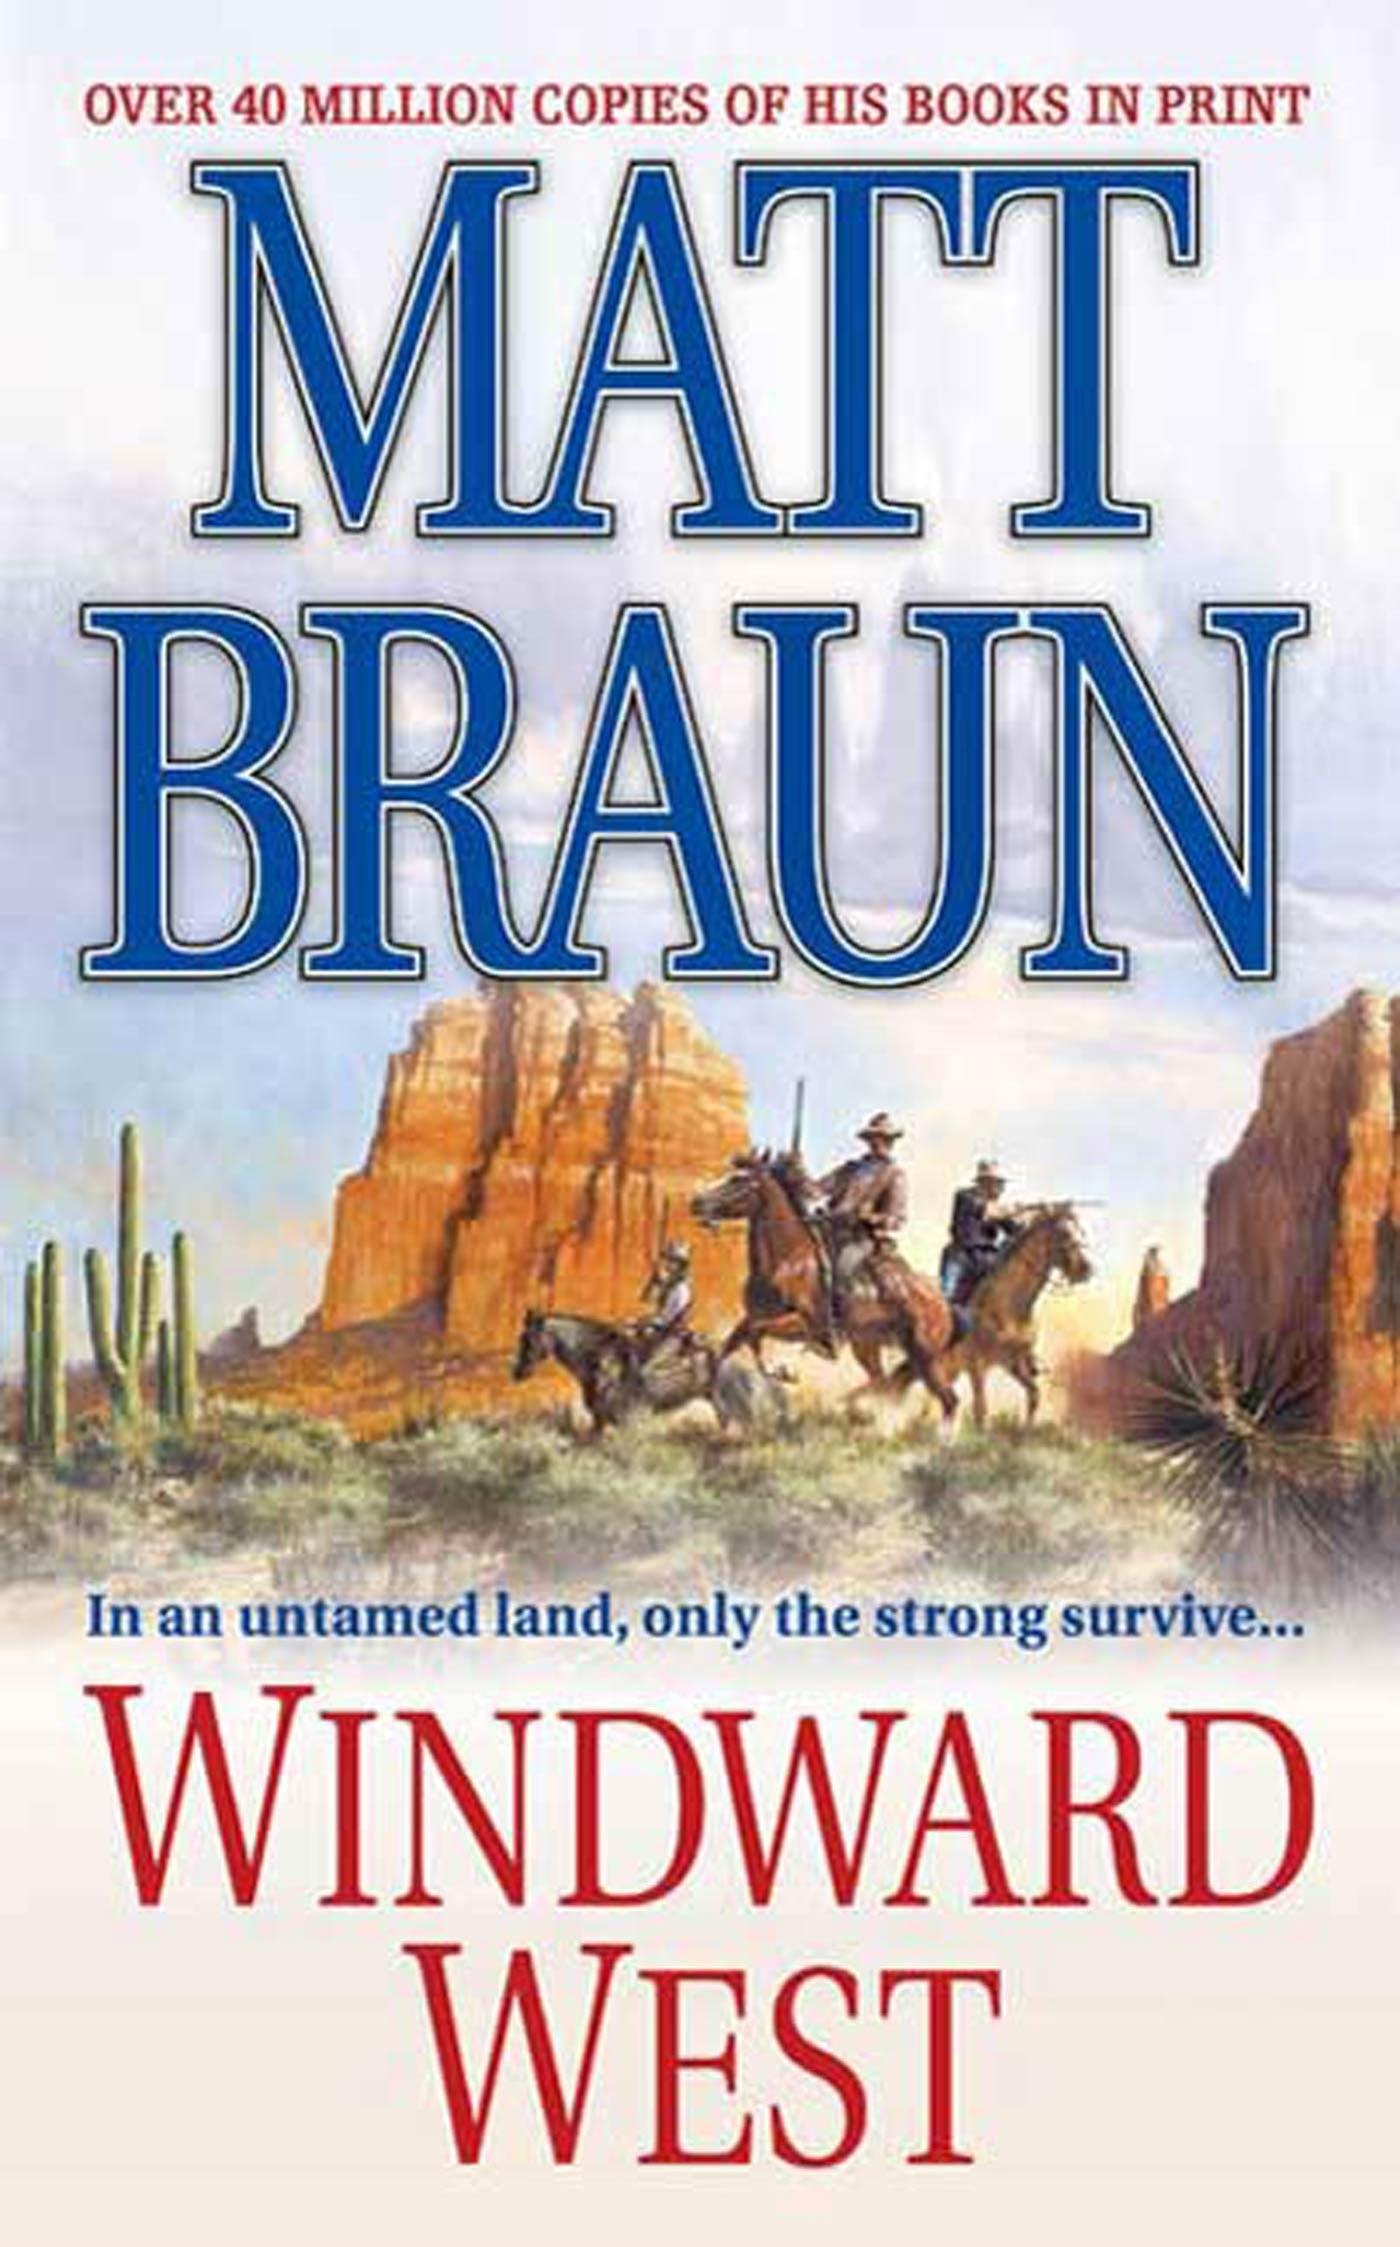 Image of Windward West